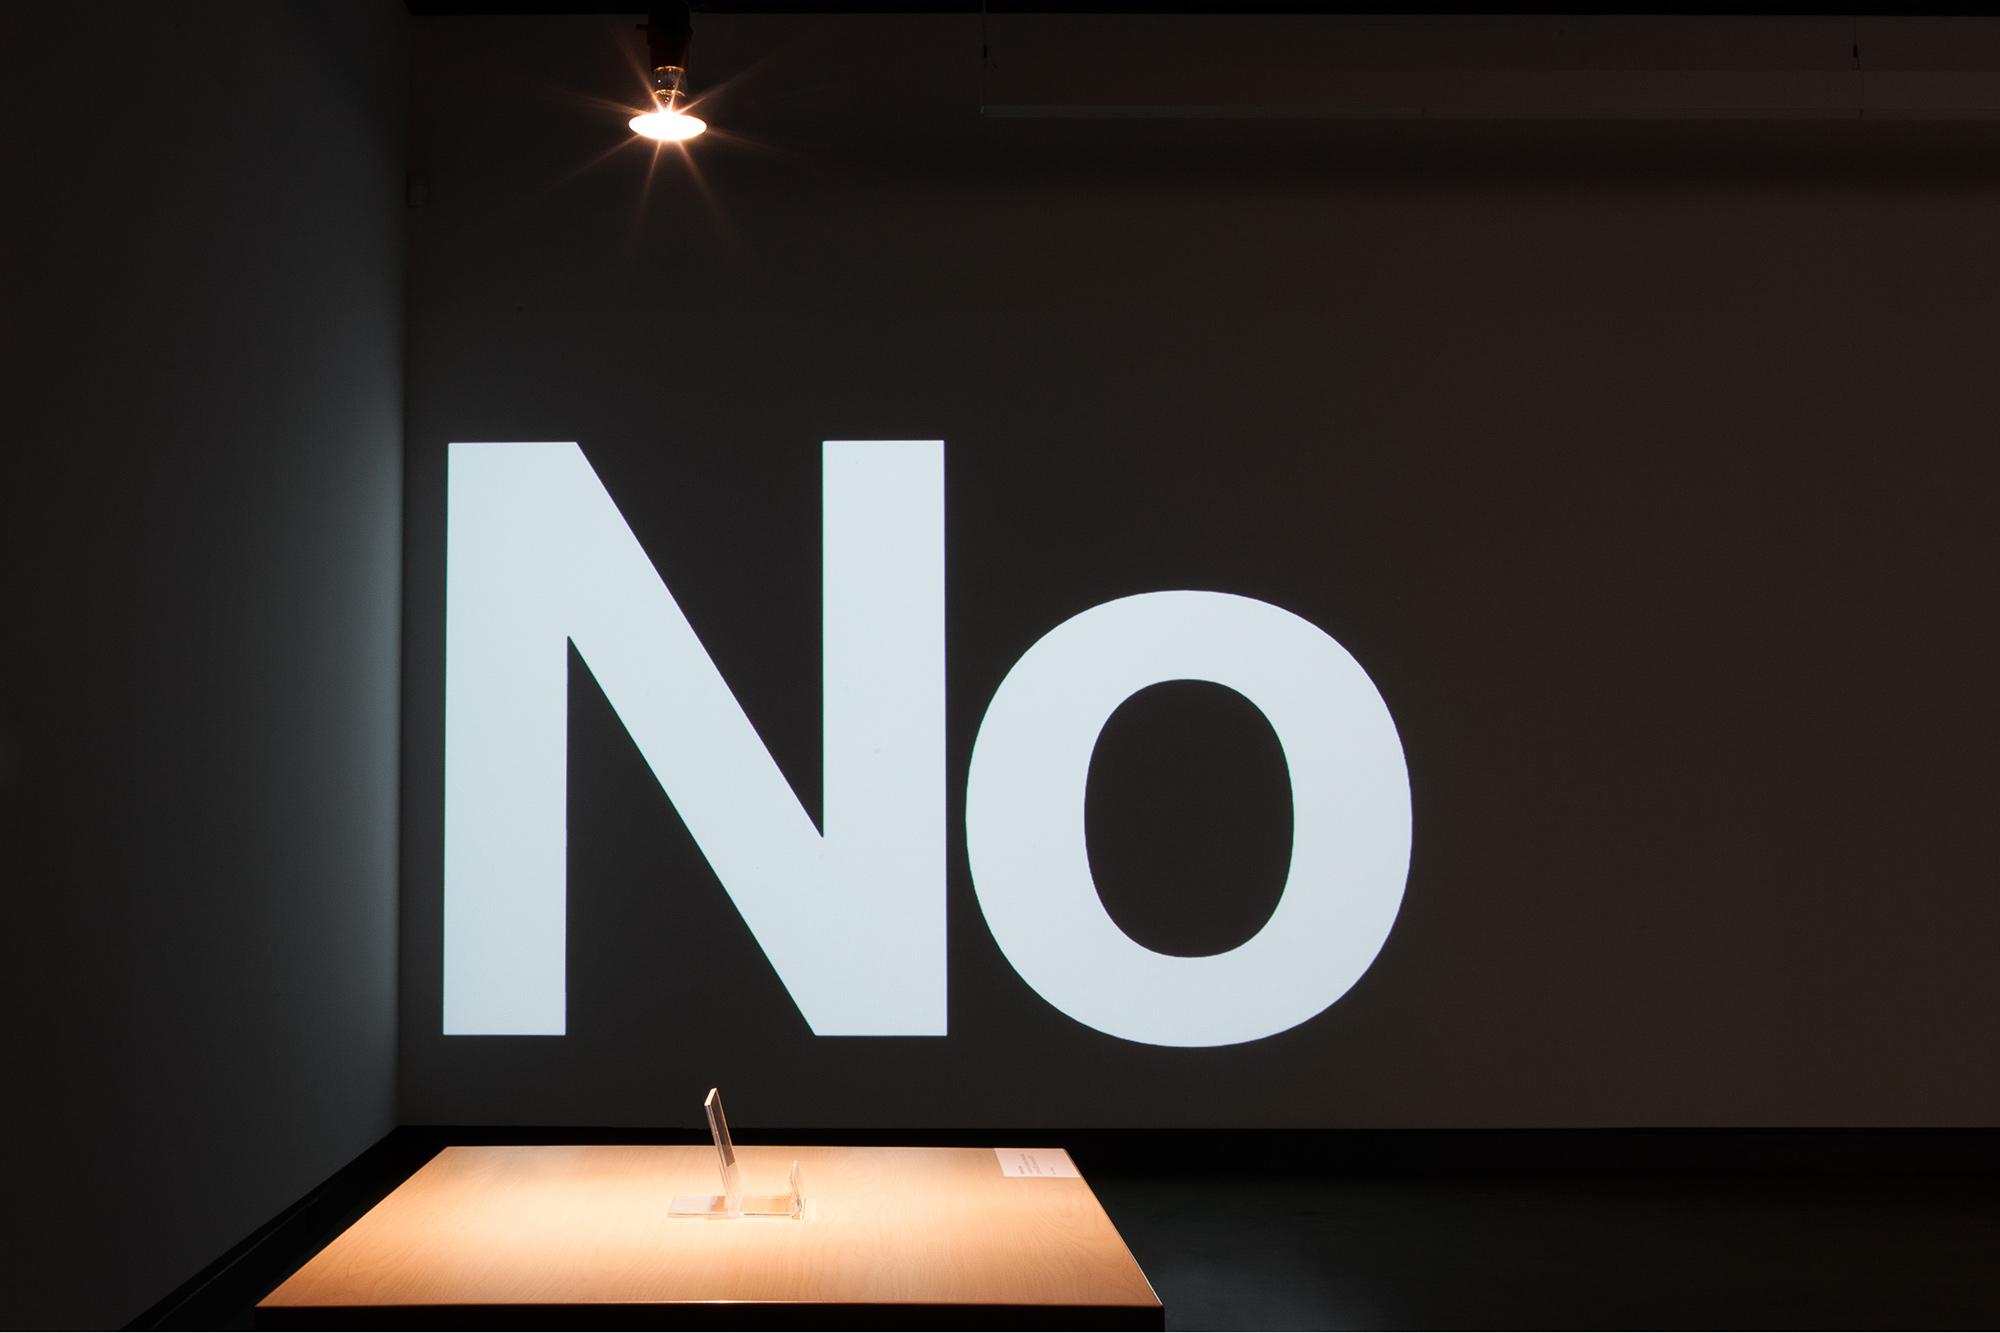 © Vue de l'exposition  Let's be open about... L'art conceptuel (2016). Photo : Marilou Crispin.